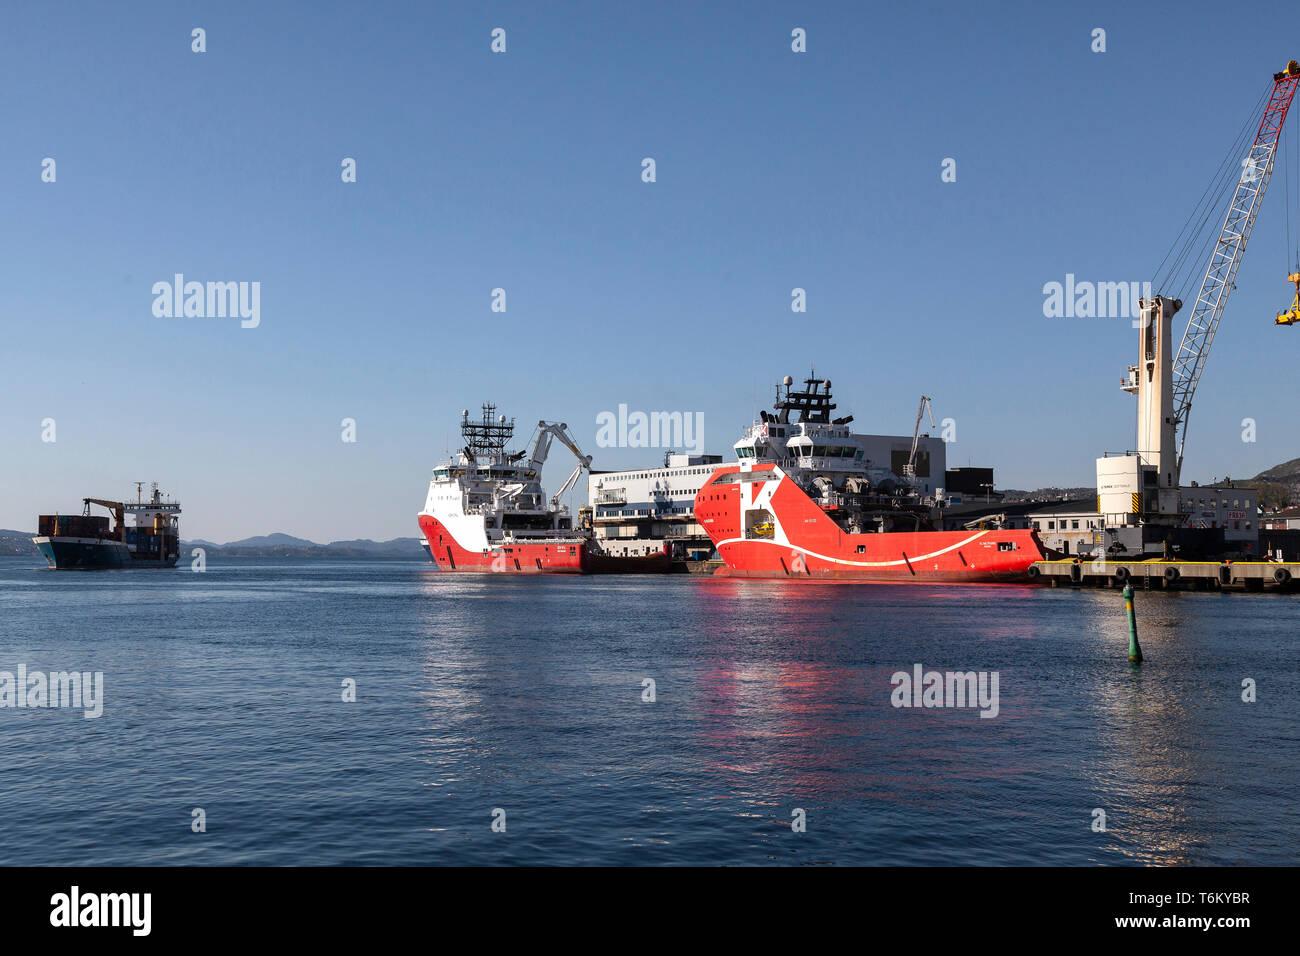 Offshore AHTS anchor handling tug supply vessels KL Saltfjord and Siem Opal, berthed at Dokkeskjaerskaien (Dokkeskjærskaien) terminal in the port of B - Stock Image